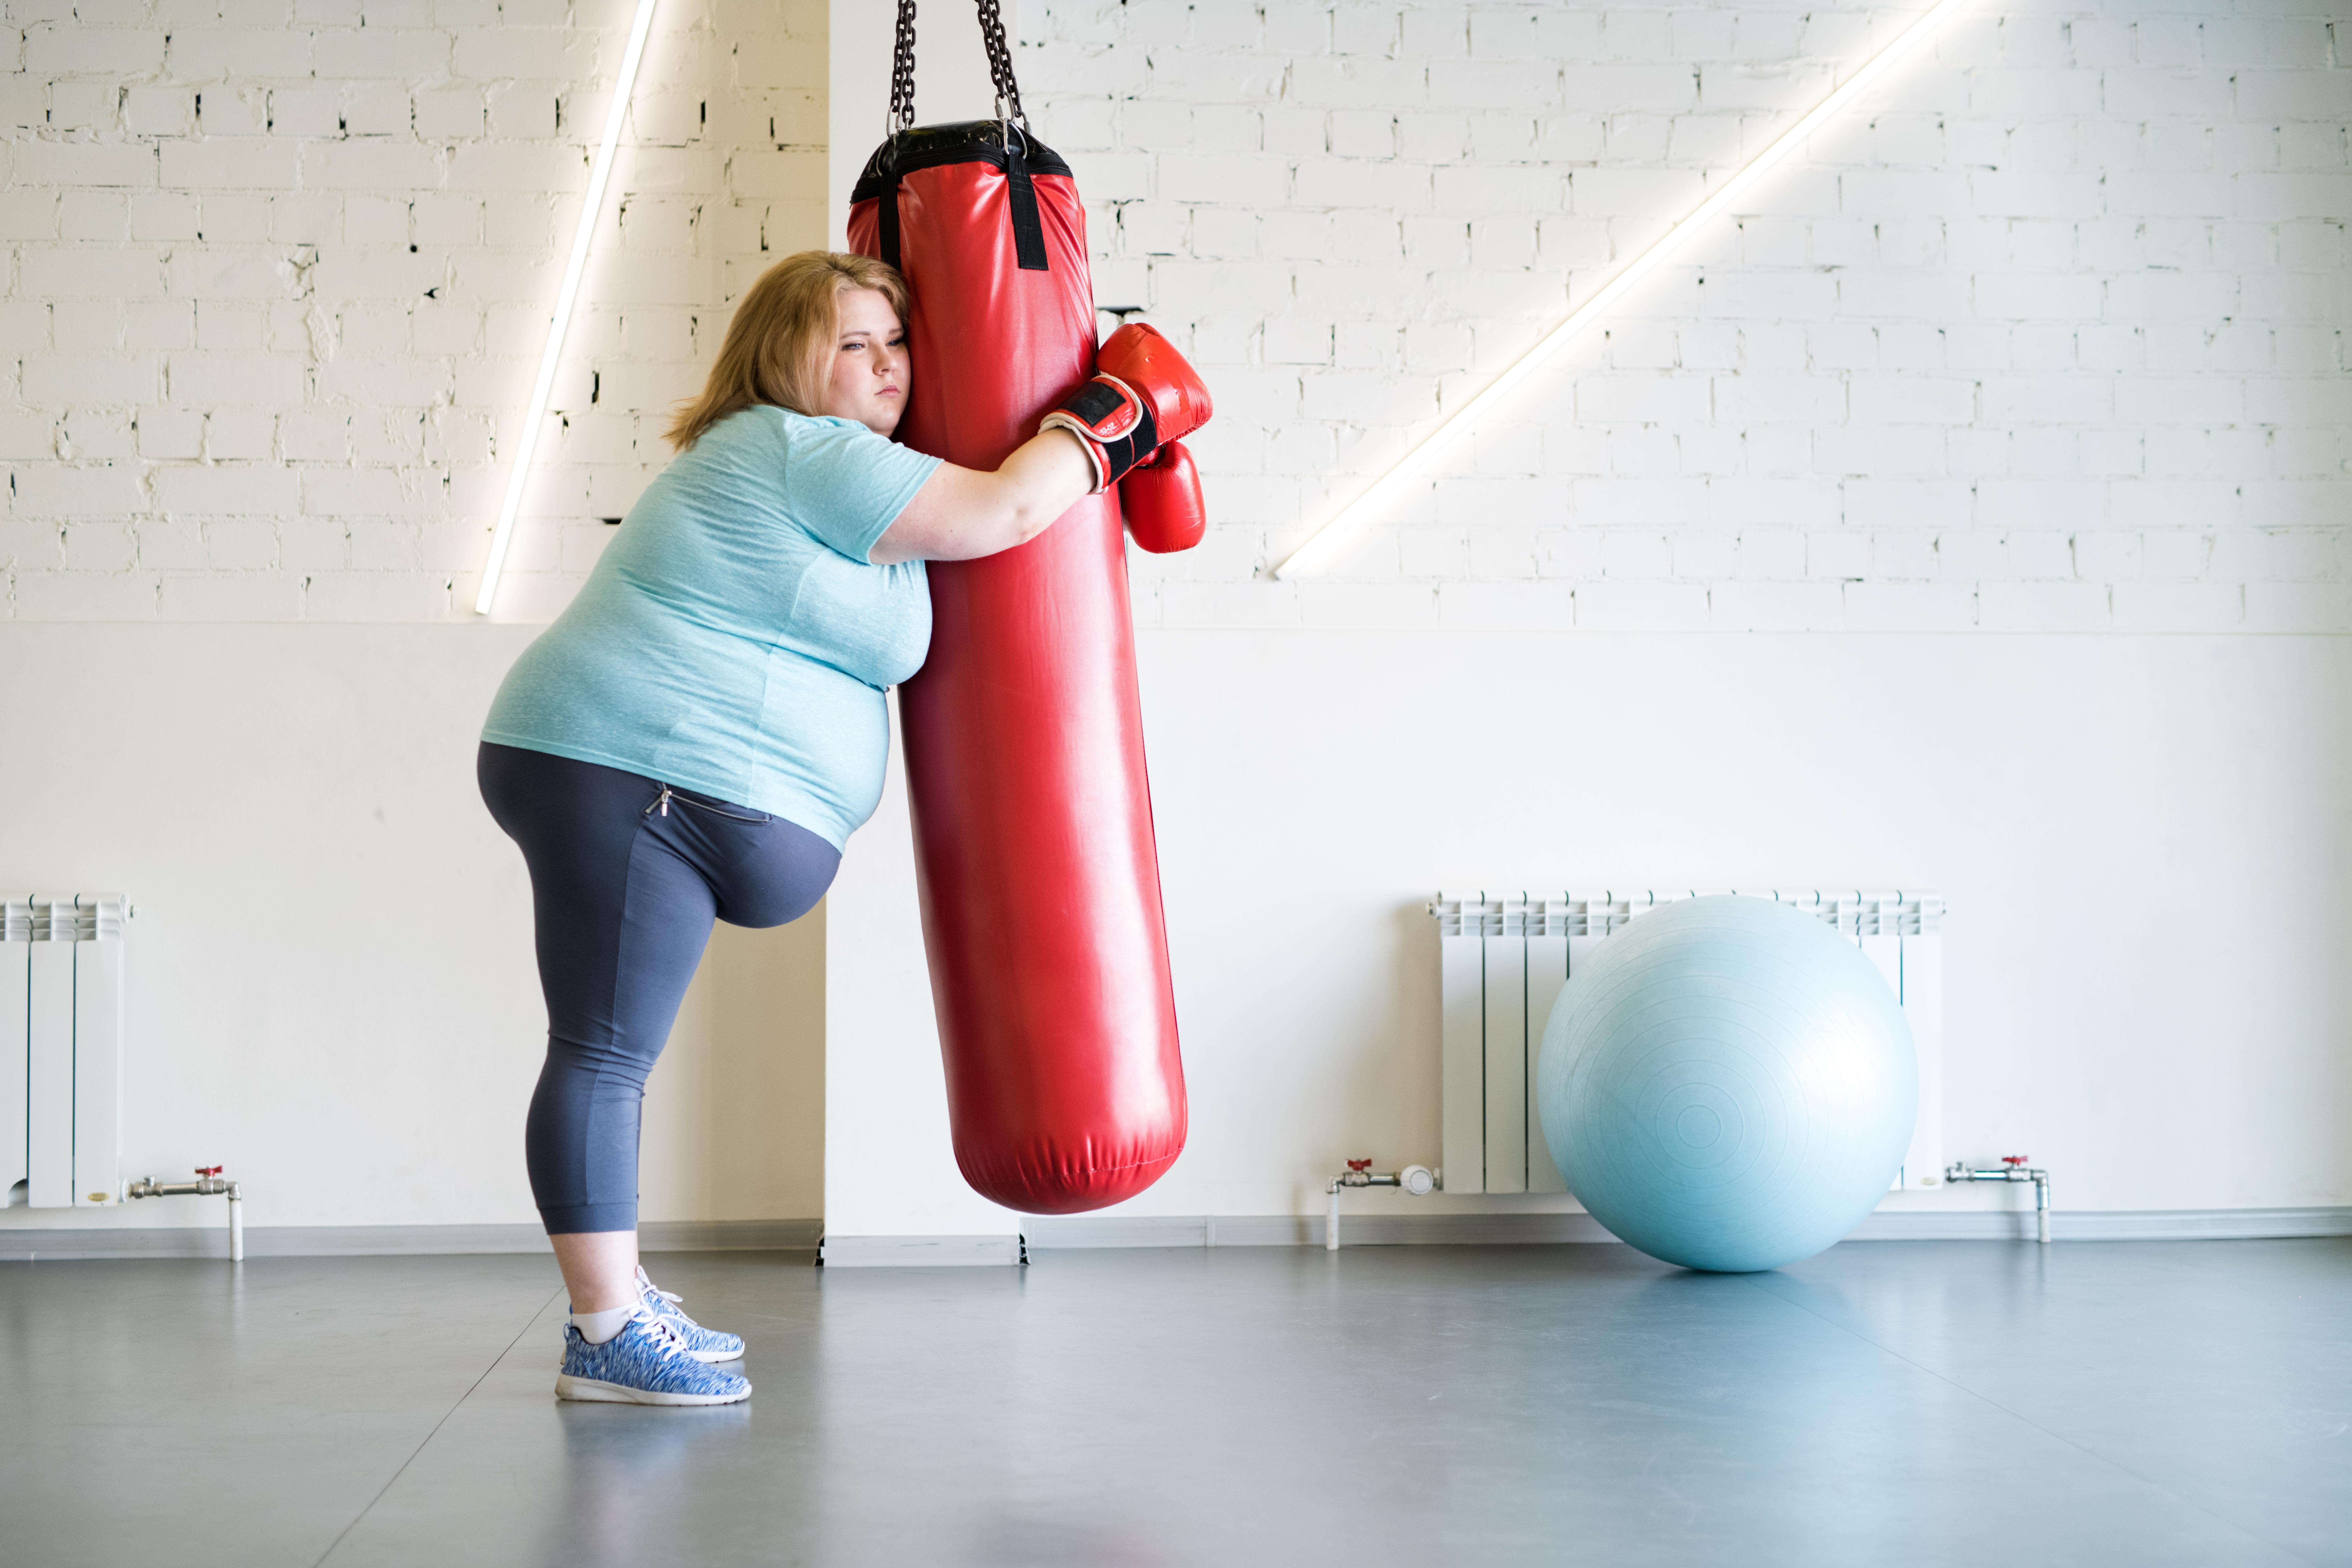 Det finns faktiskt finns en medicinsk orsak till att vi får svårare att hålla vikten ju äldre vi blir.